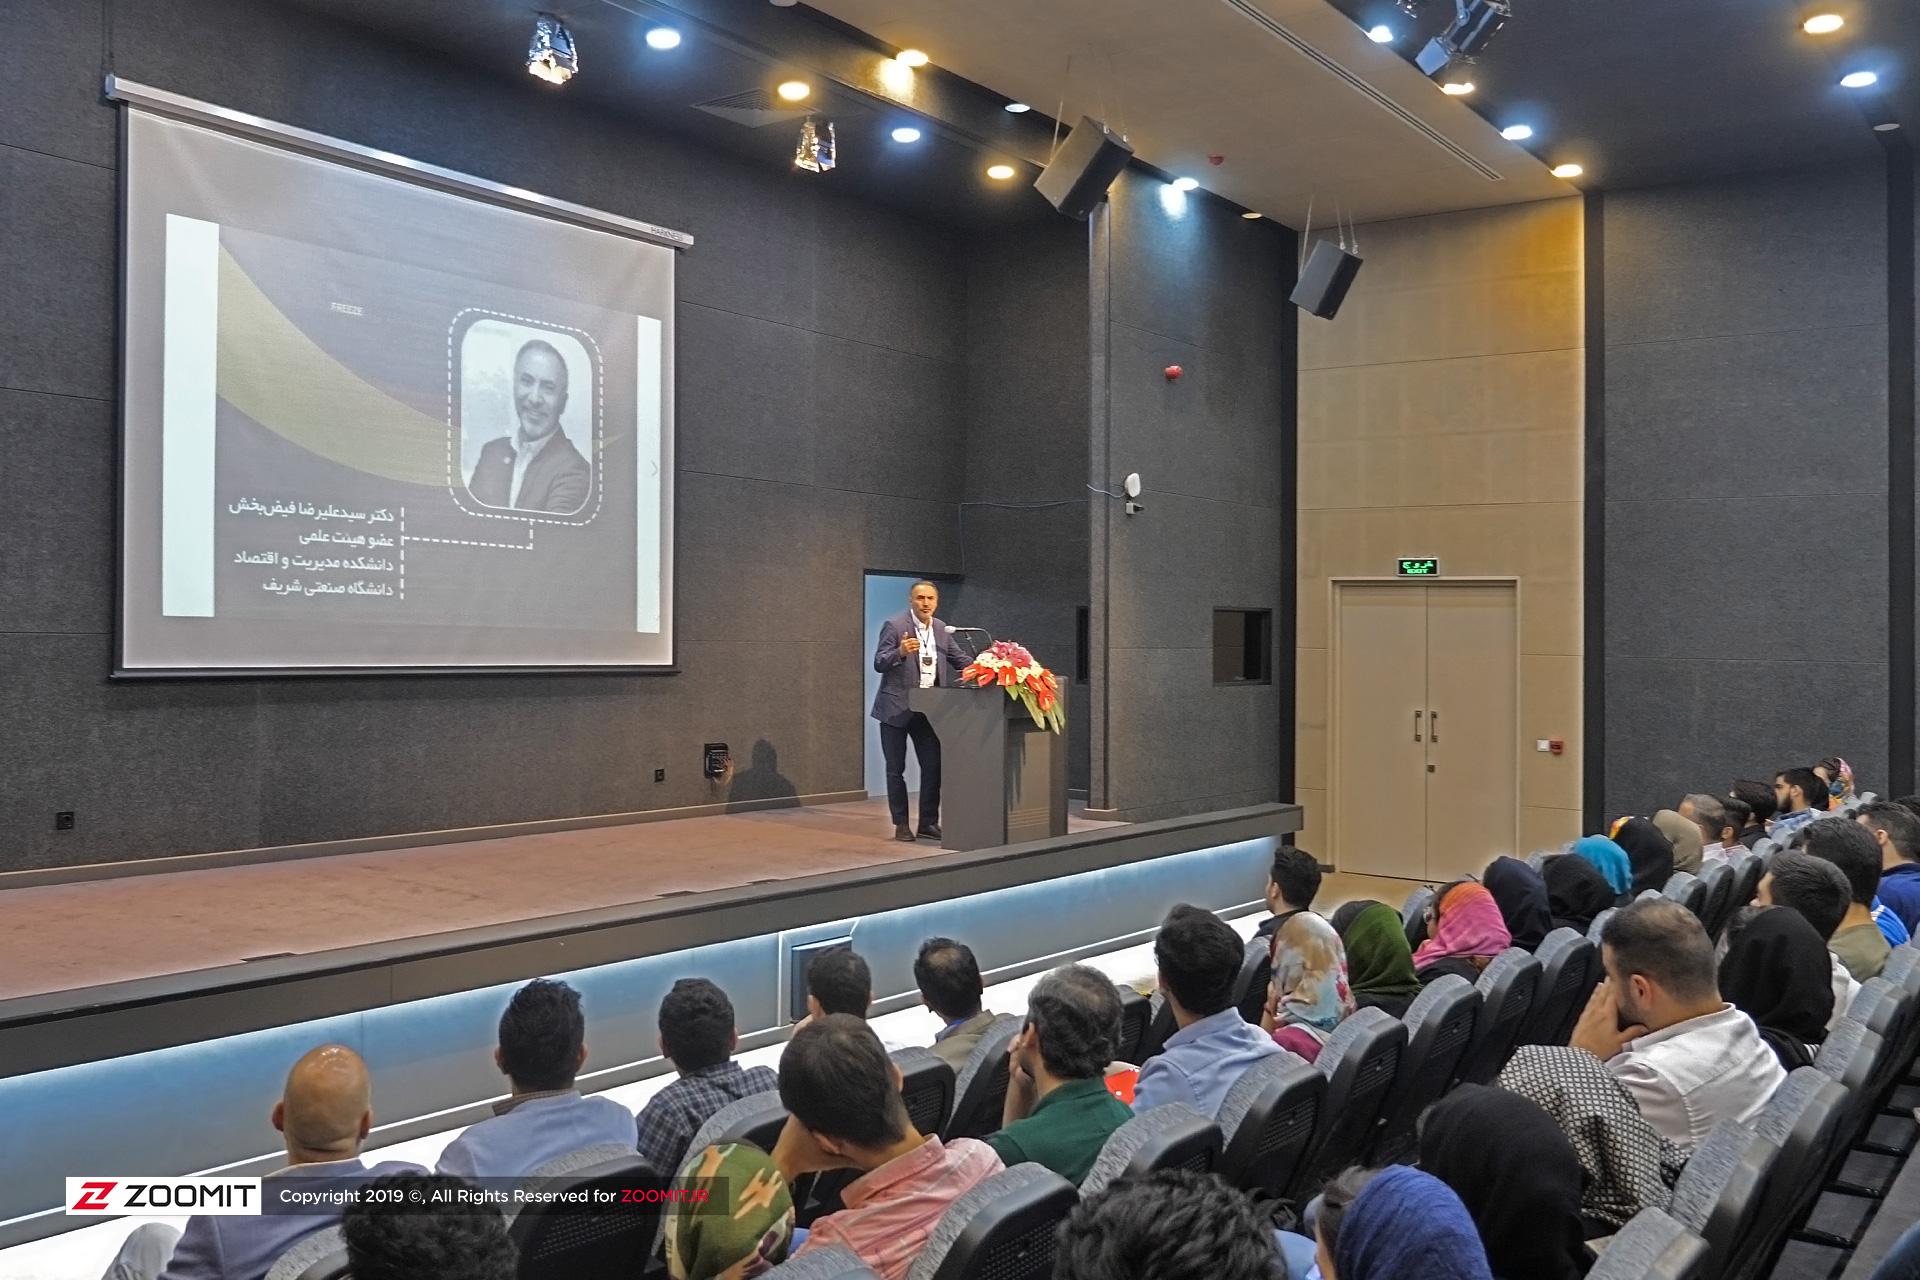 گزارش زومیت از افتتاح مدرسه تابستانی کسبوکار شریف